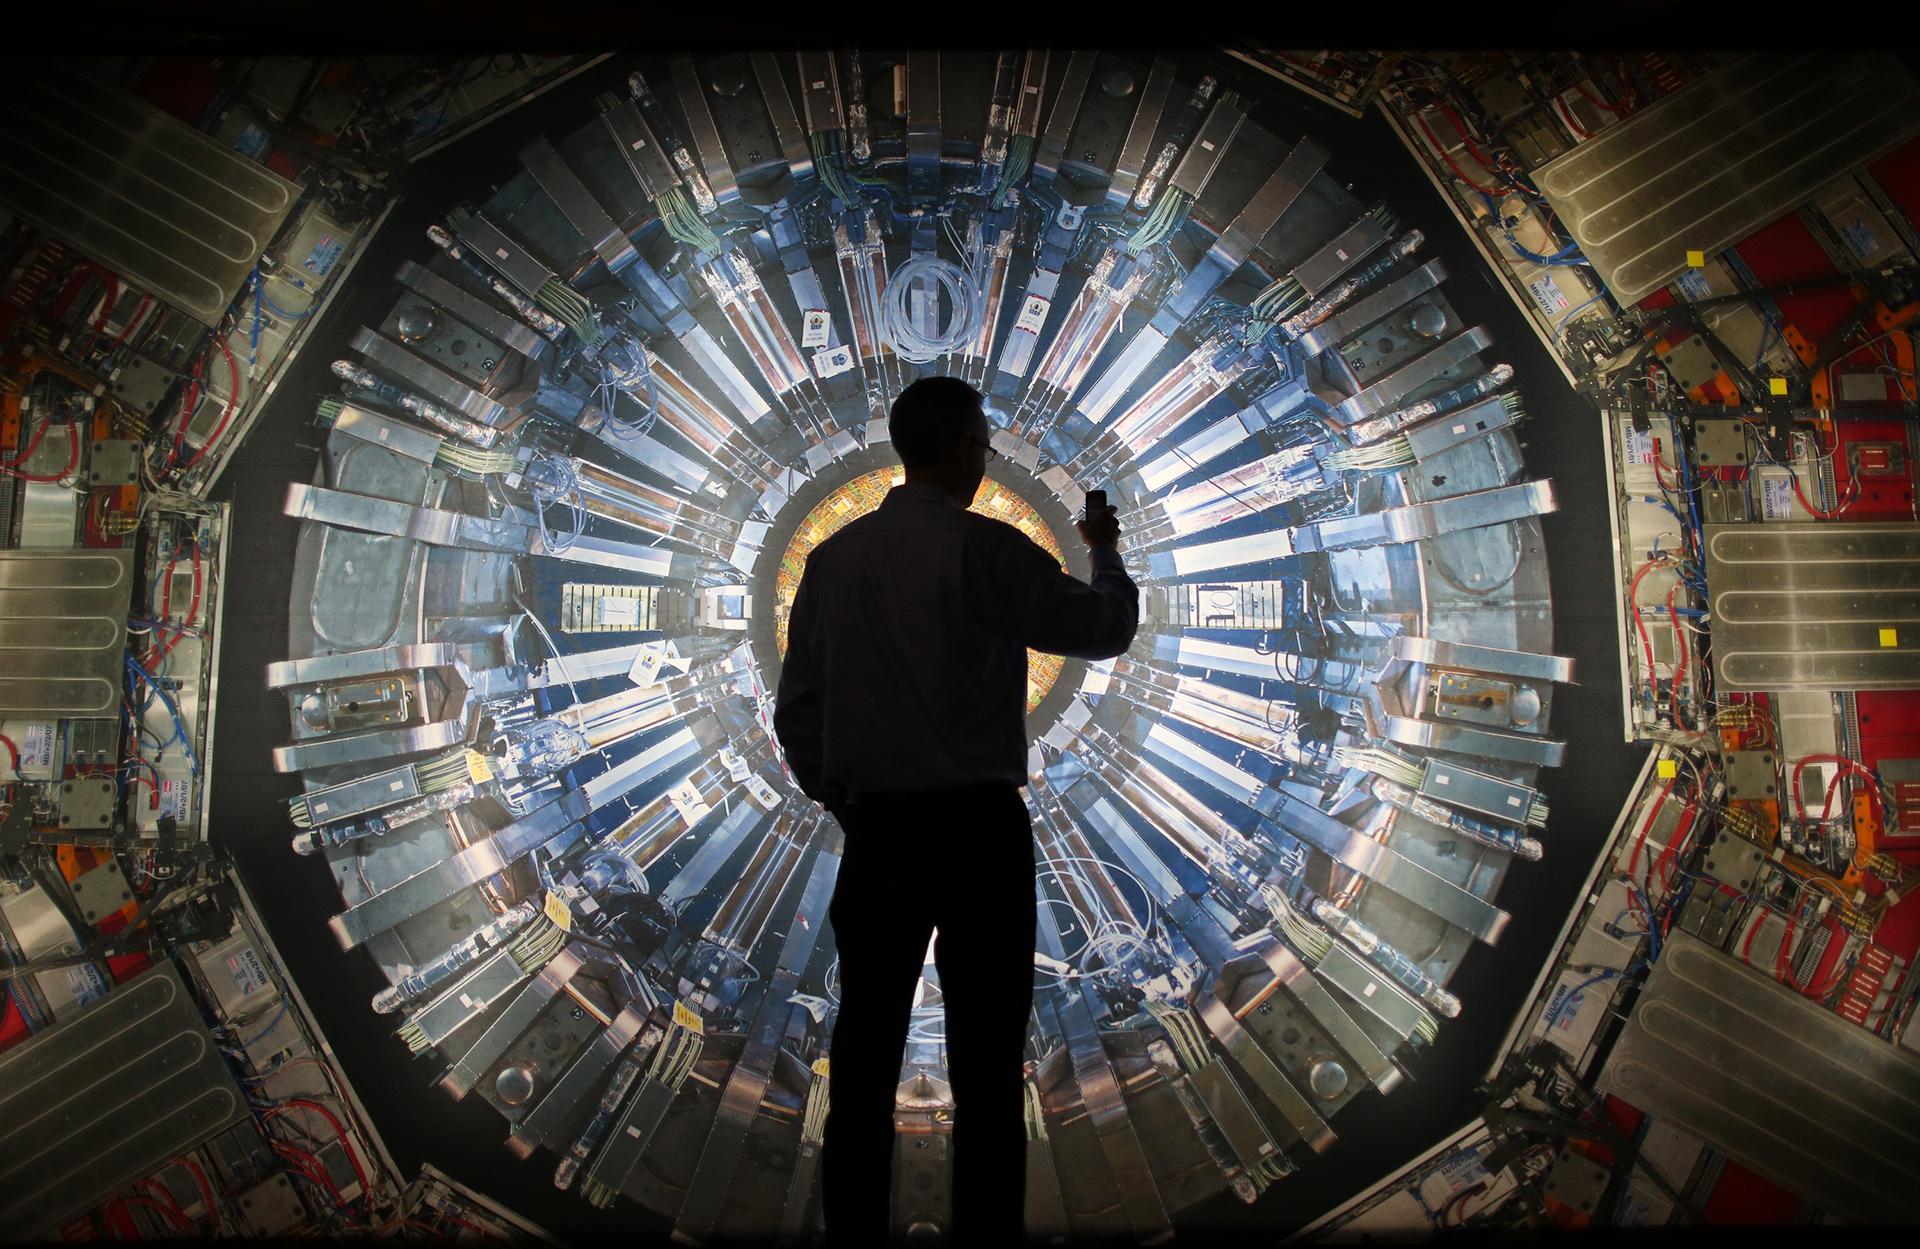 LHC'de yeni bir bozon keşfedilmiş olabilir